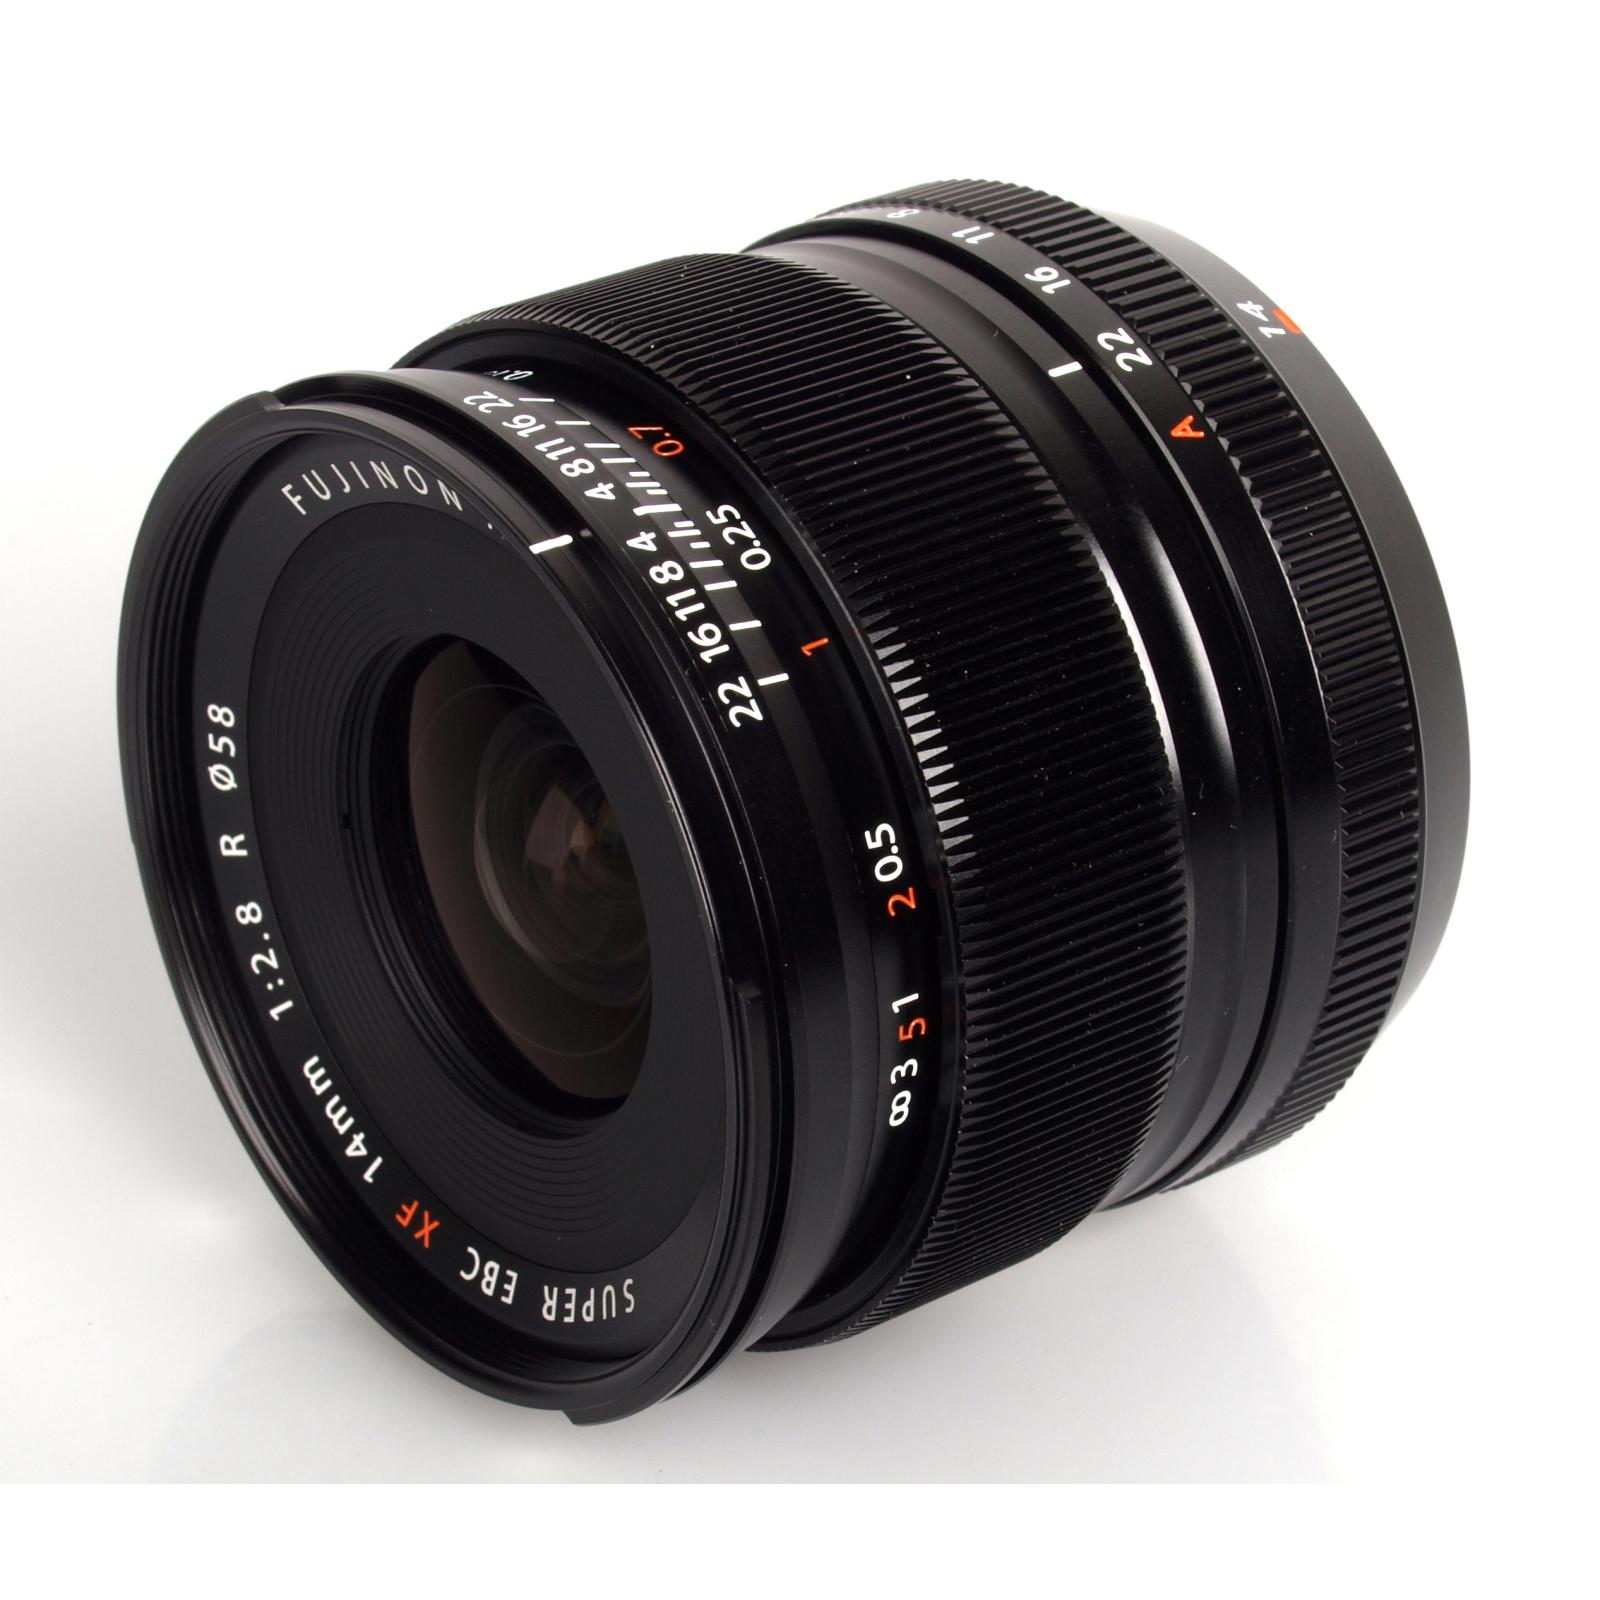 Объектив Fujifilm XF-14mm F2.8 R (16276481) изображение 2